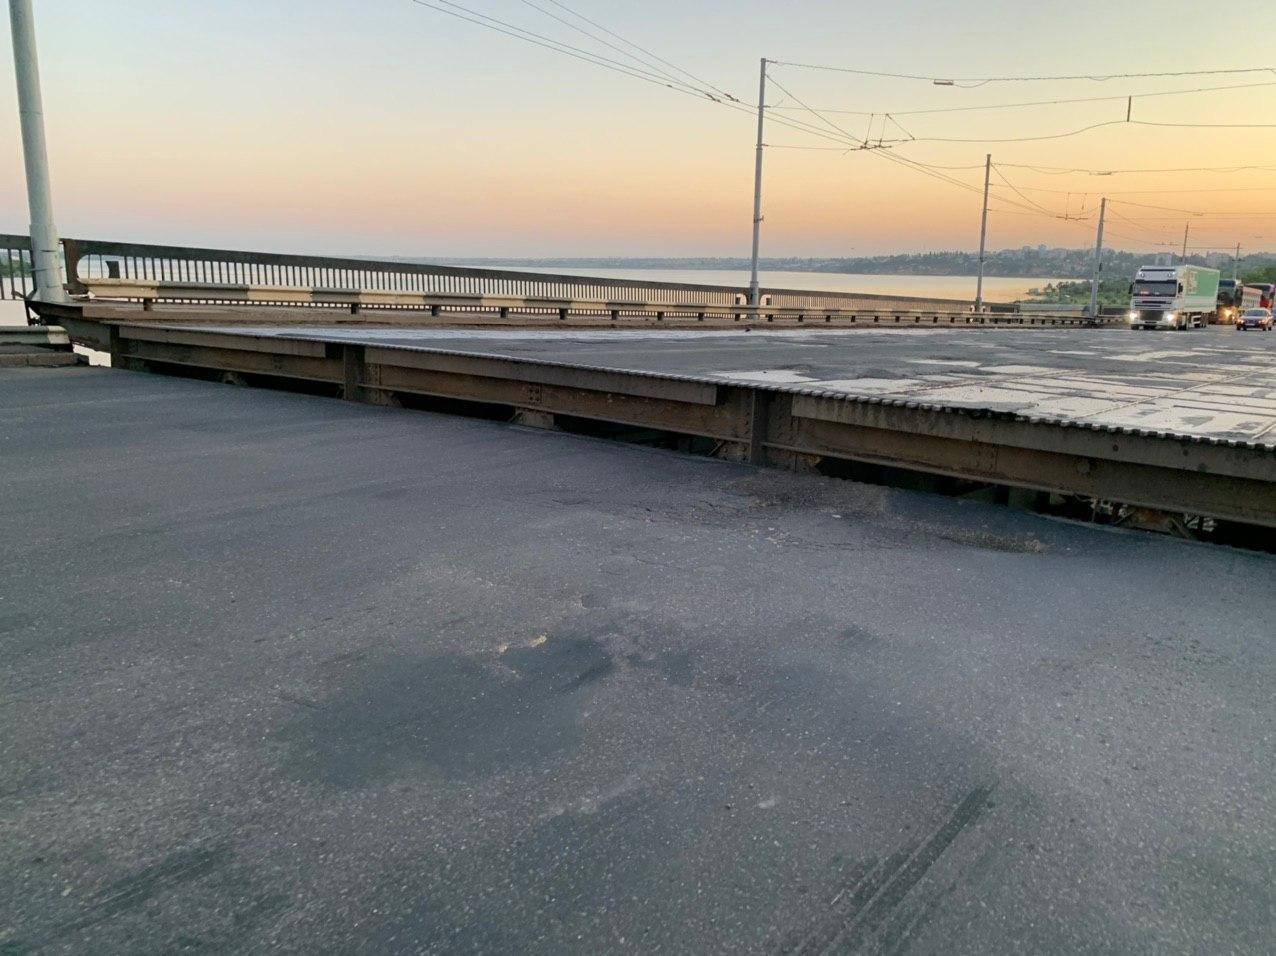 Мэр Николаева винит САД в саморазведении моста: САД сообщает, что о работах властям было известно, фото-1